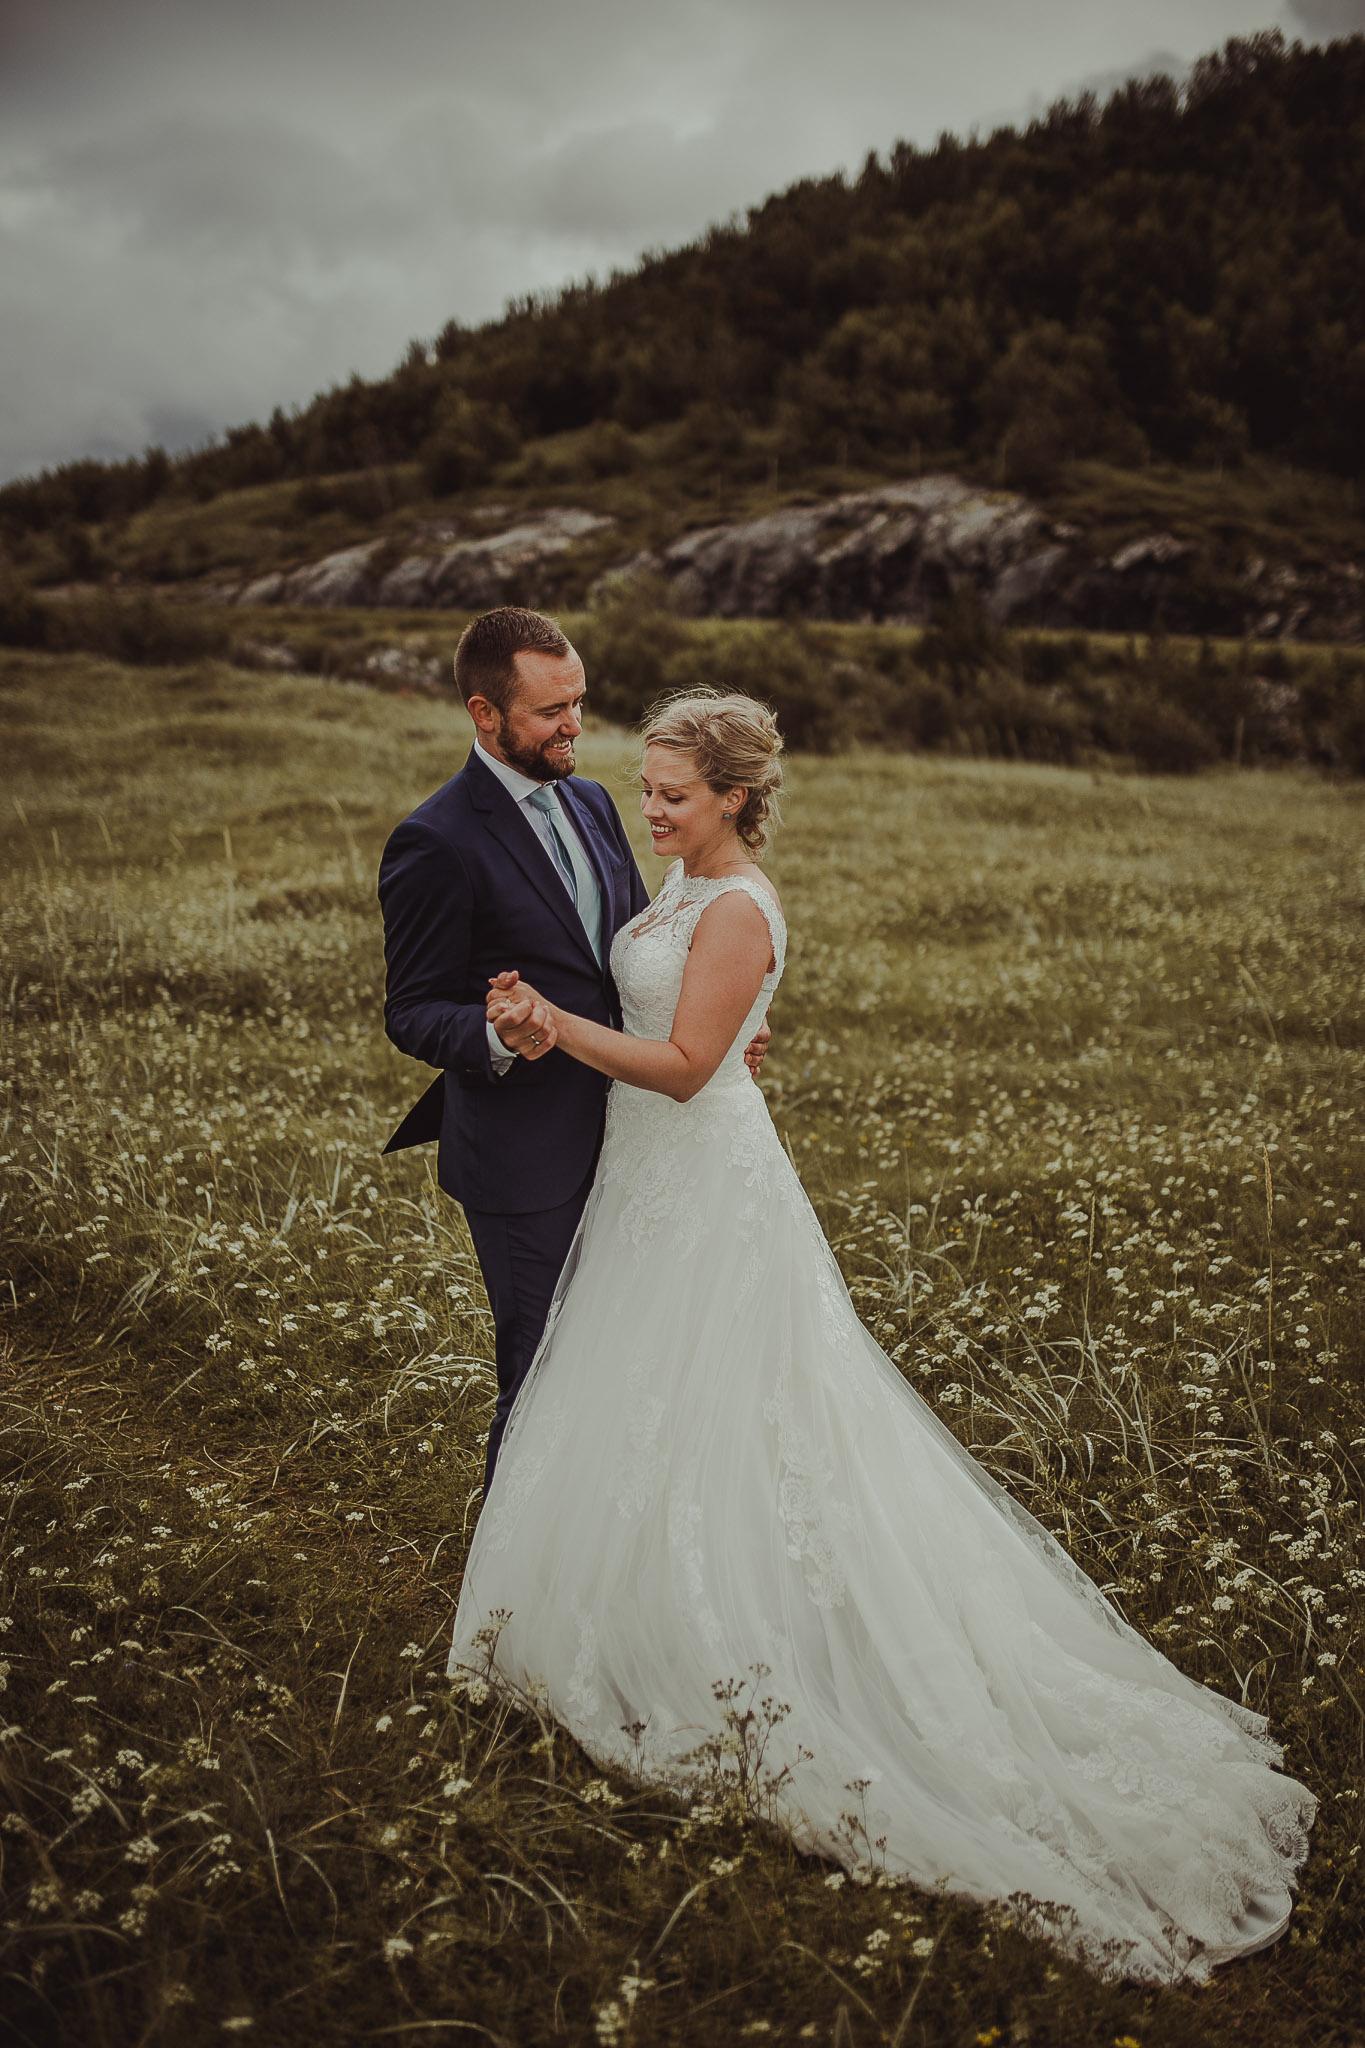 Brudepar danser på en eng full av hvite blomster